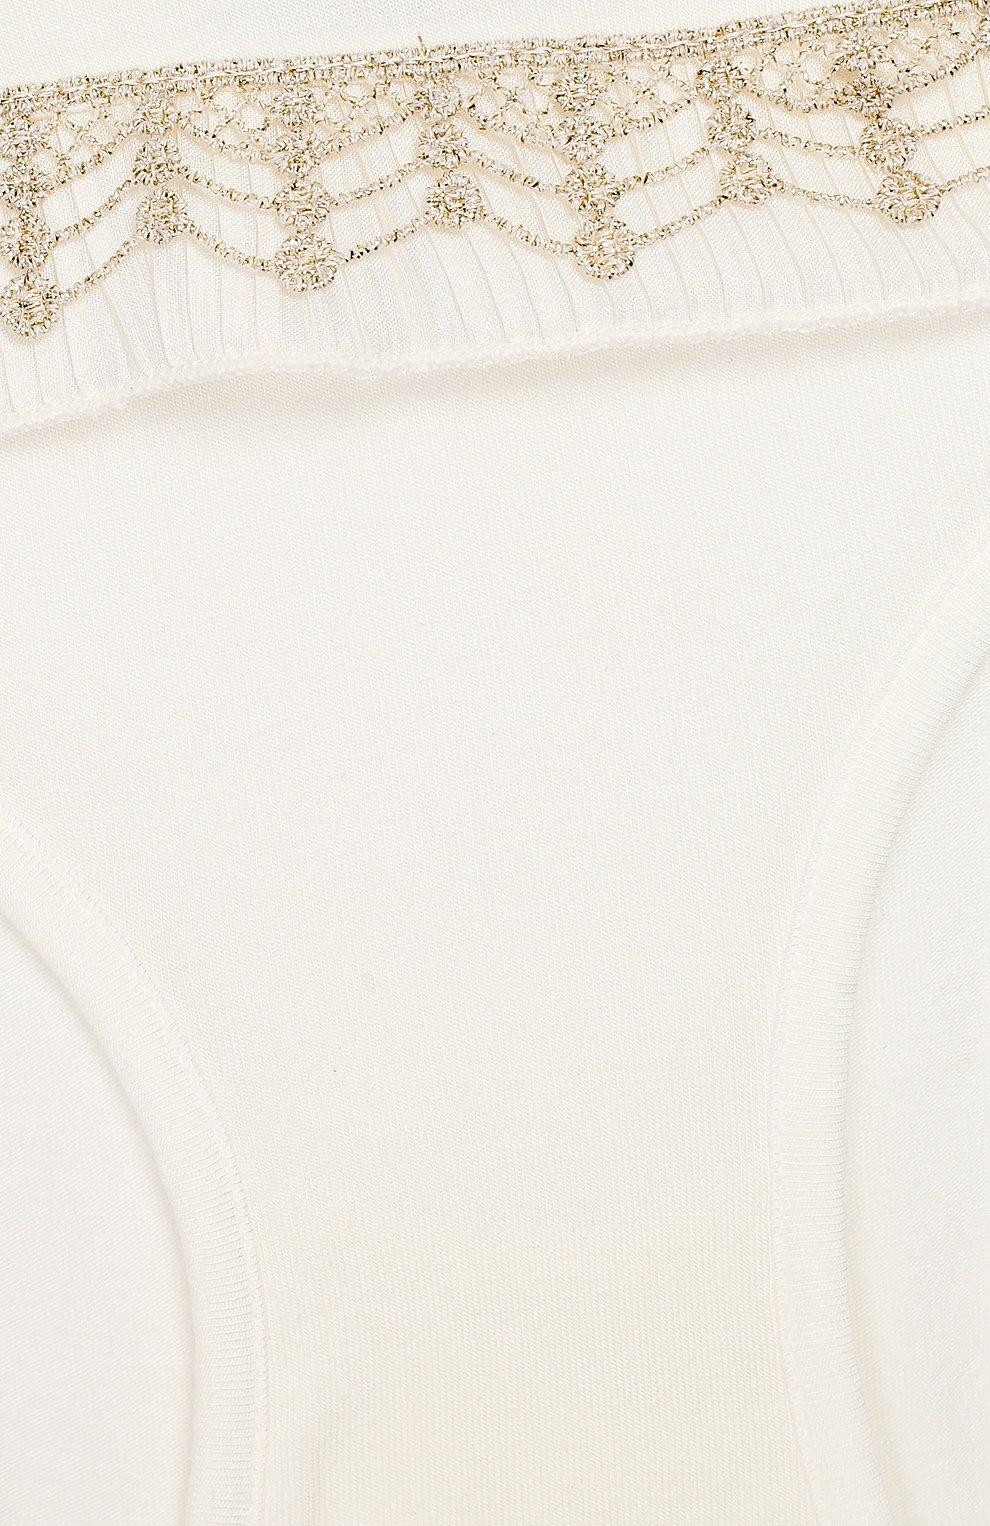 Детские трусы-слипы из вискозы LA PERLA бежевого цвета, арт. 54837/8A-14A | Фото 3